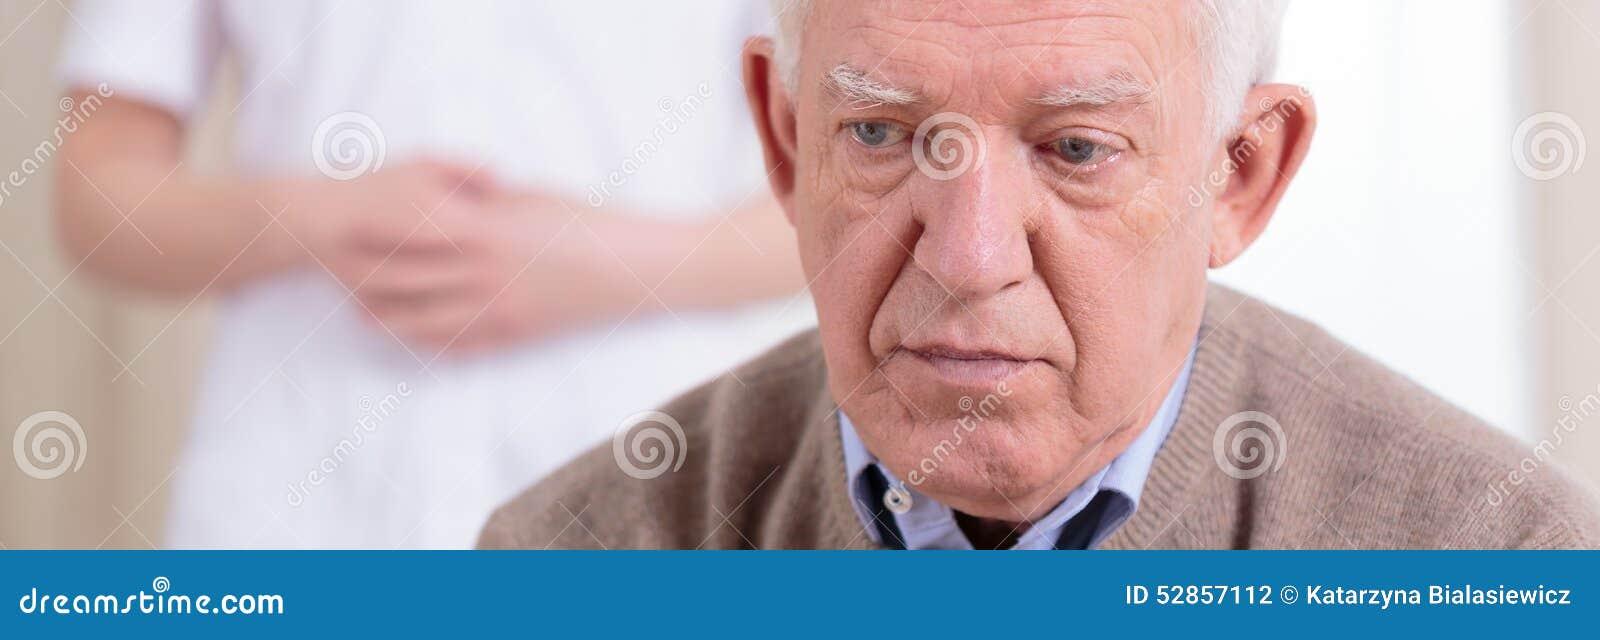 Retrato do aposentado triste